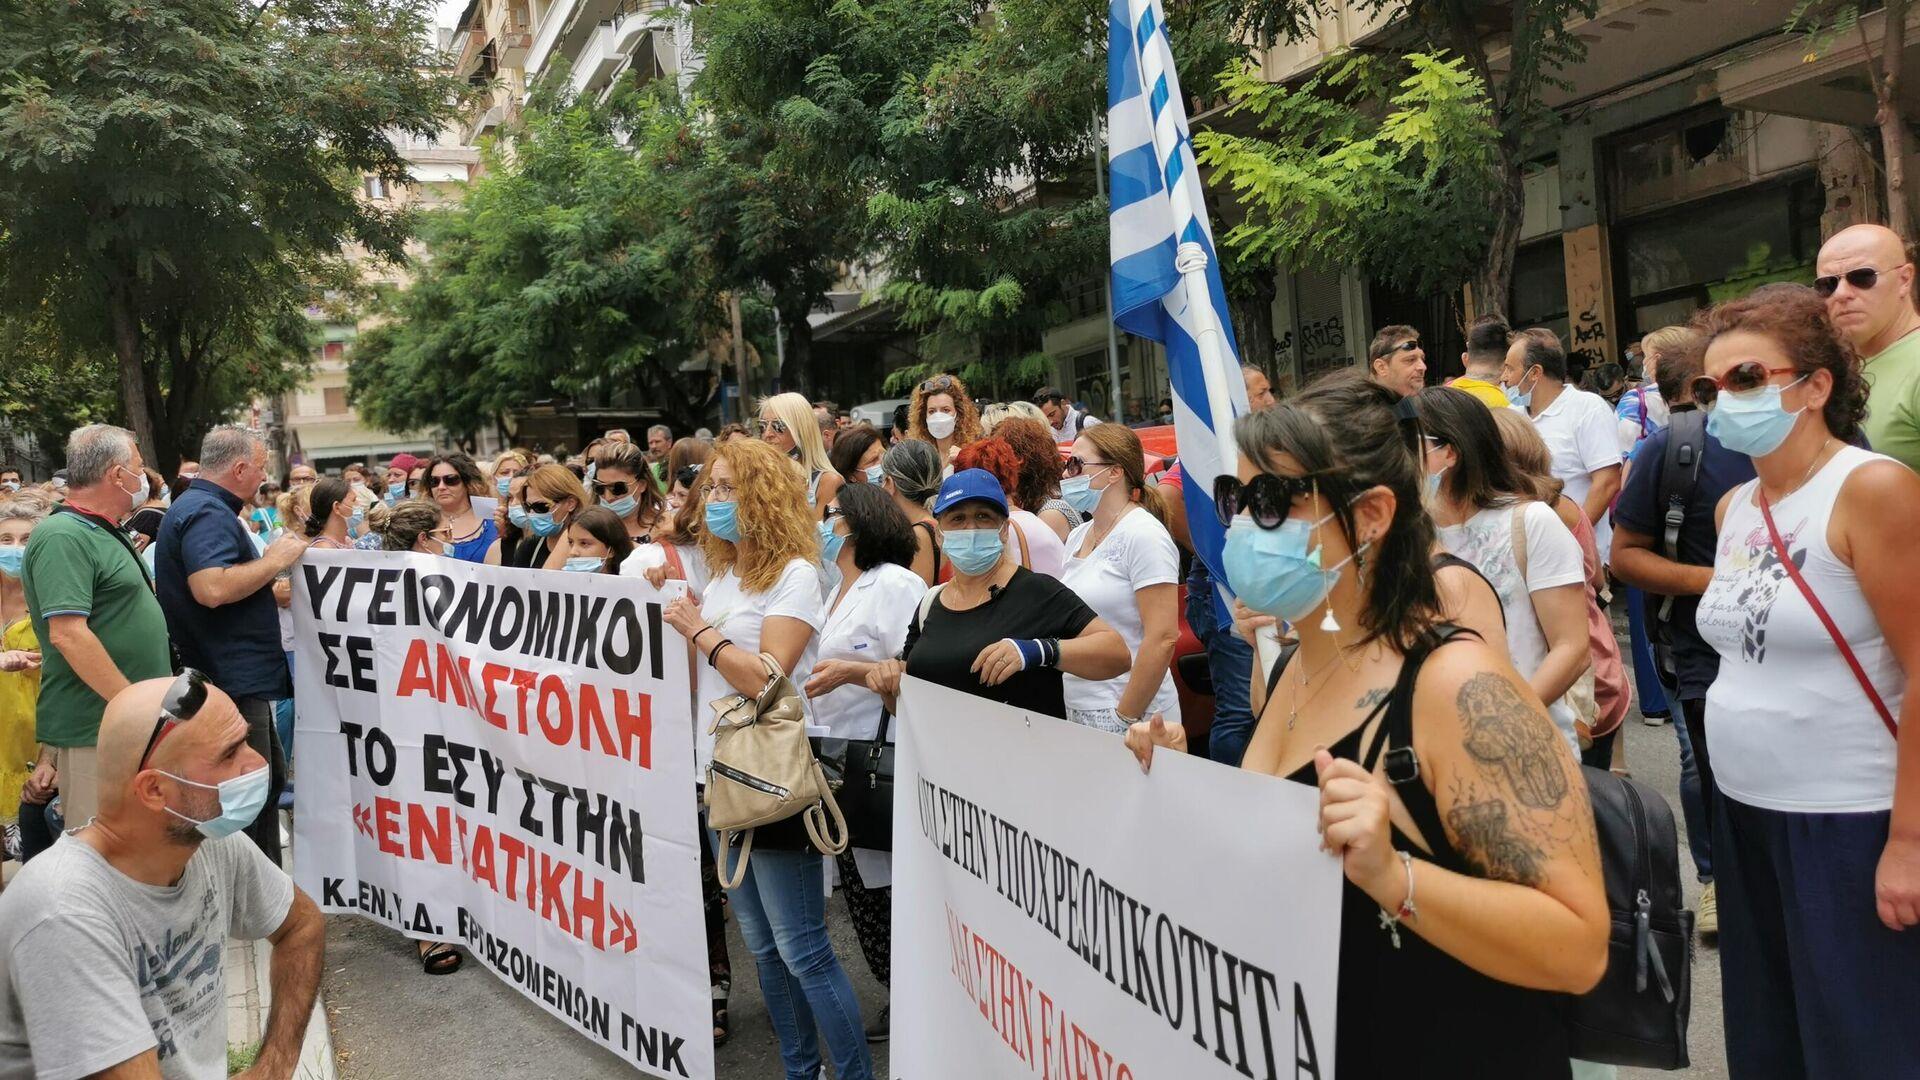 Διαμαρτυρία υγειονομικών κατά του υποχρεωτικού εμβολιασμού στη Θεσσαλονίκη - Sputnik Ελλάδα, 1920, 31.08.2021